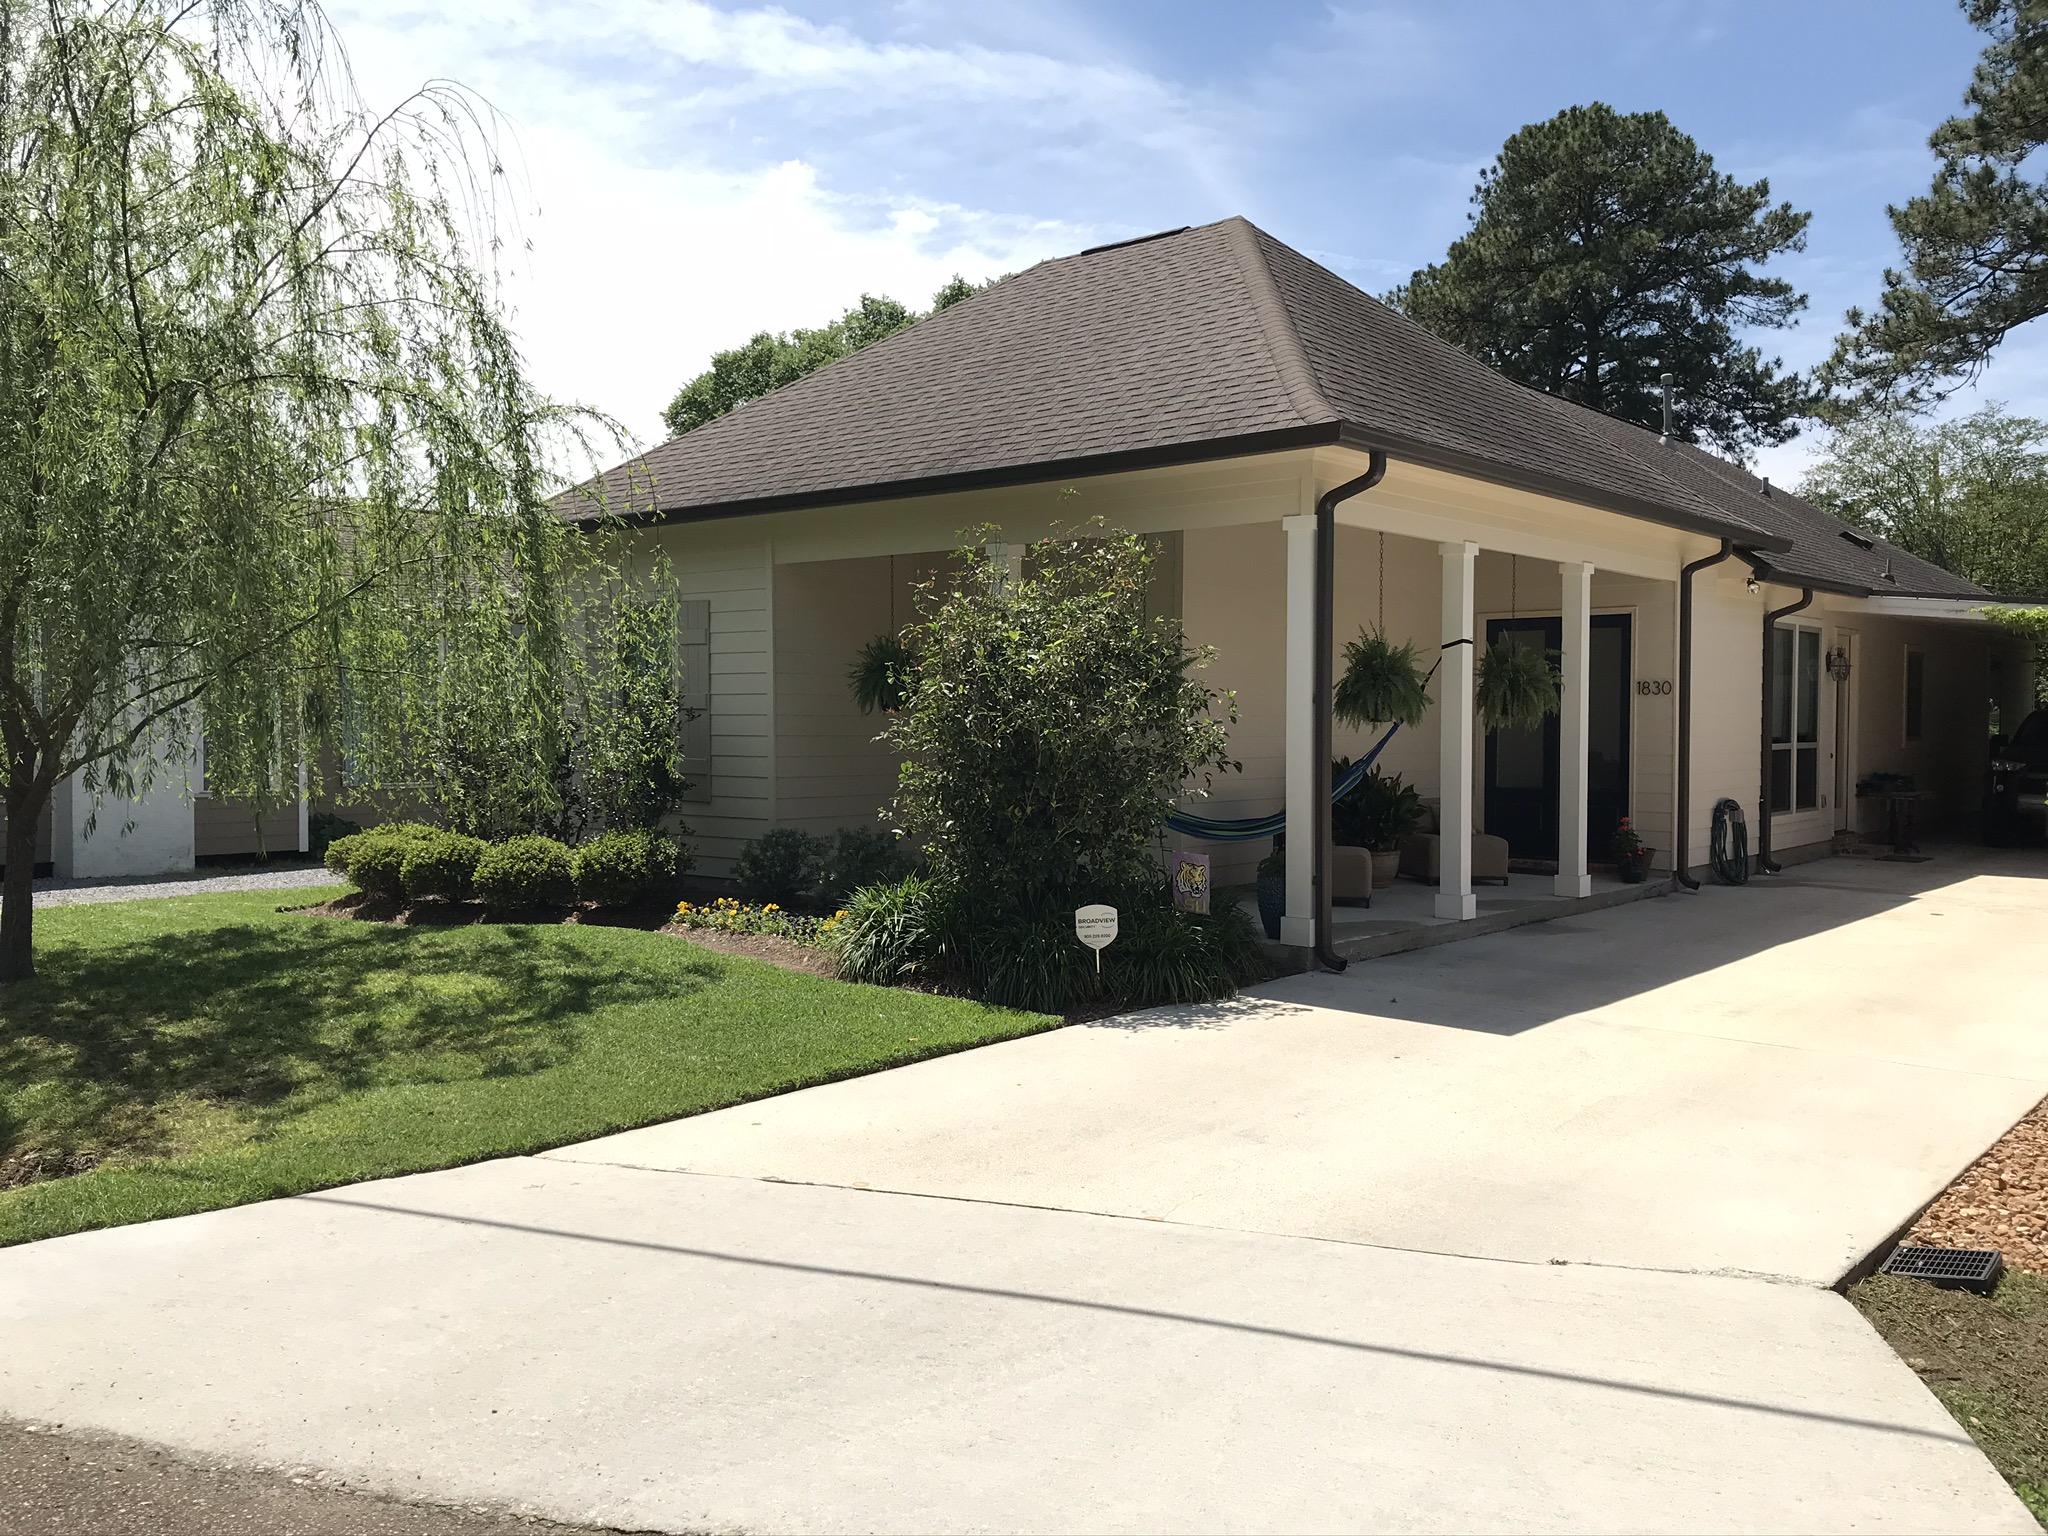 House in Louisiana